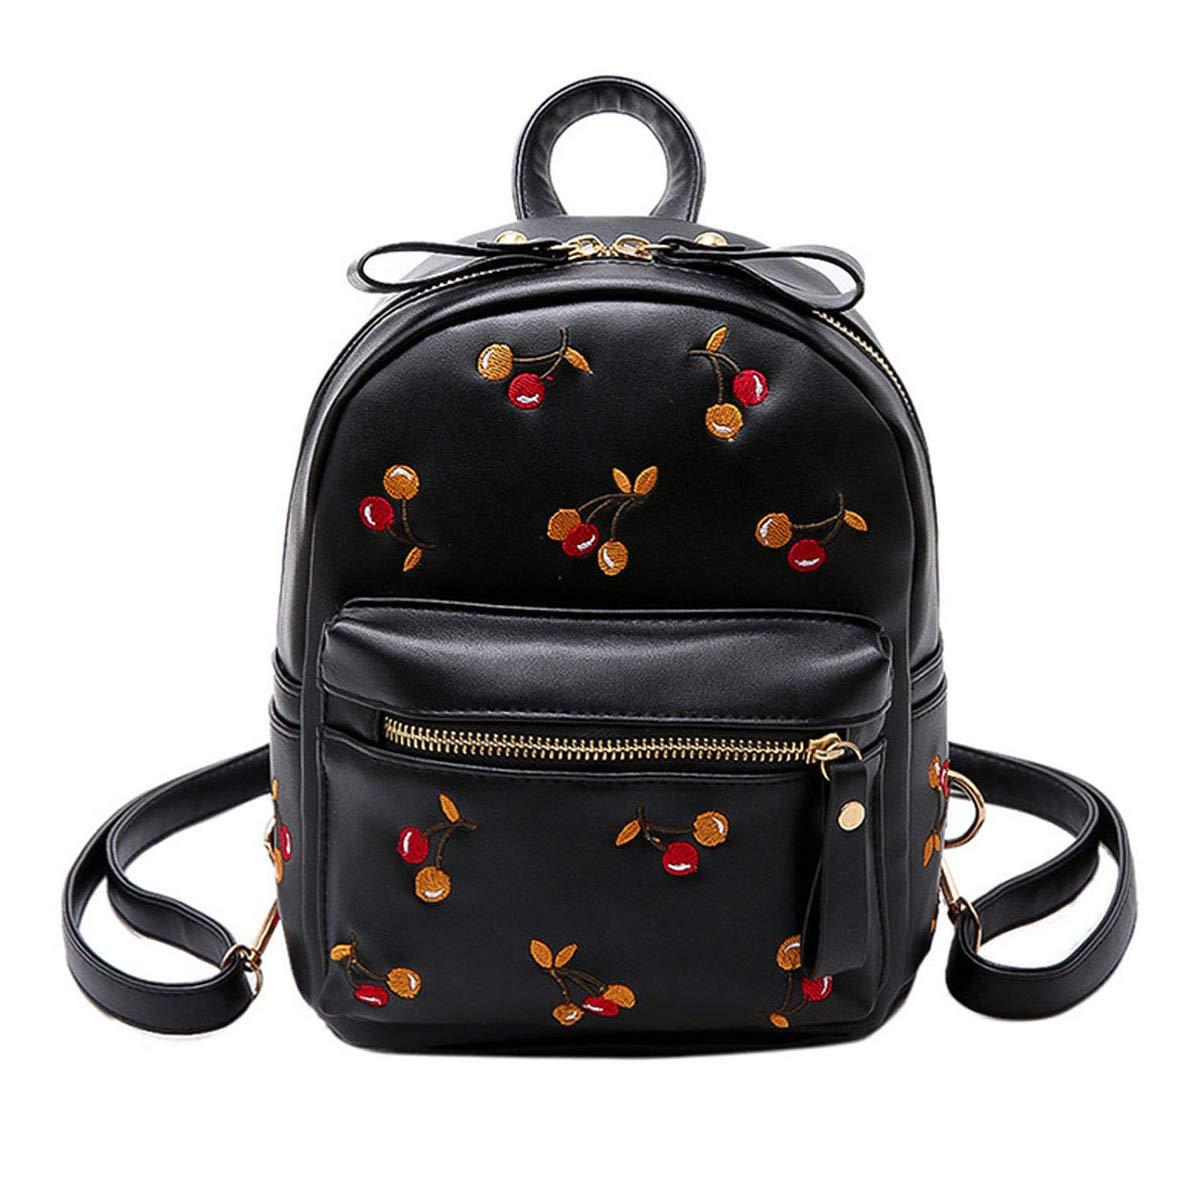 【高額売筋】 CLARA CLARA レディース B07GH5ZB3K Black With Cherry With Black Black With Cherry, angelica:41f99c00 --- vanhavertotgracht.nl